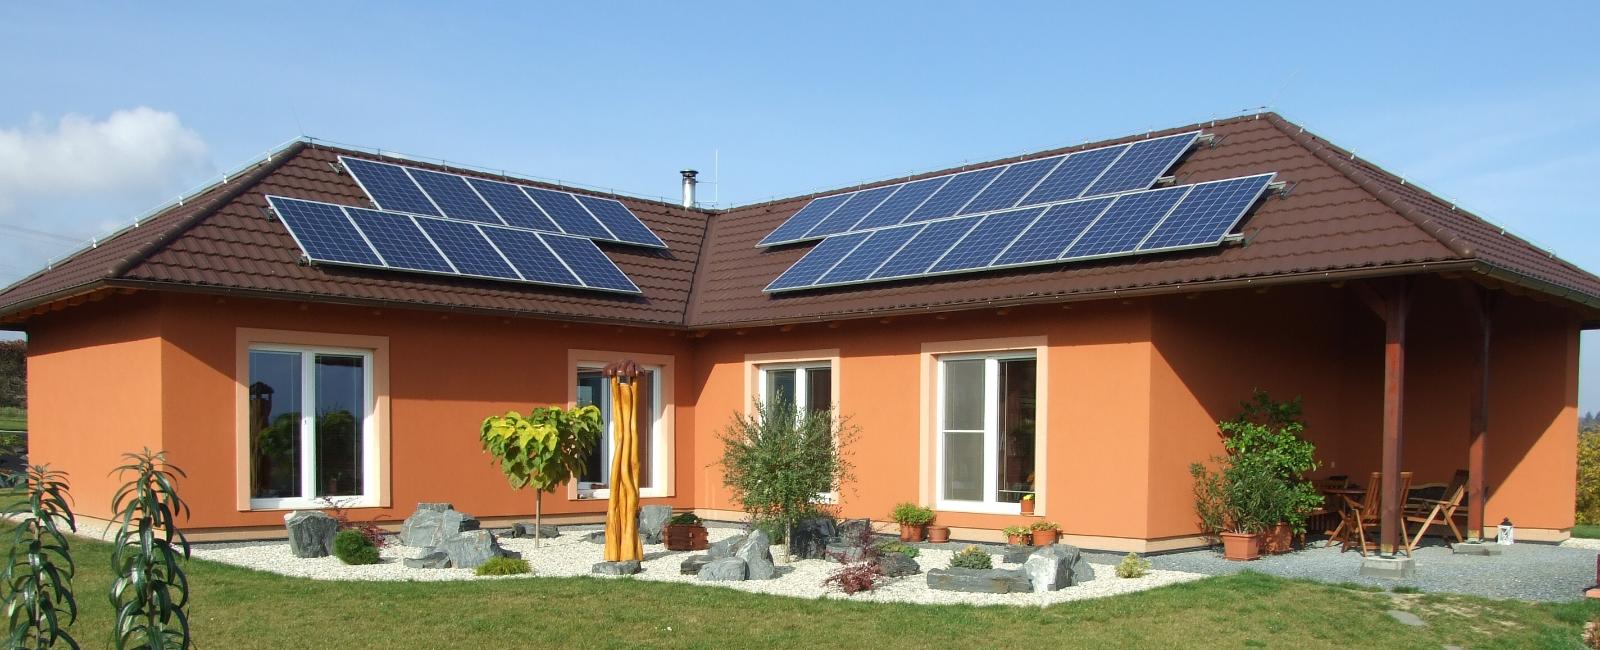 Vše, co jste chtěli vědět o ostrovní fotovoltaické elektrárně